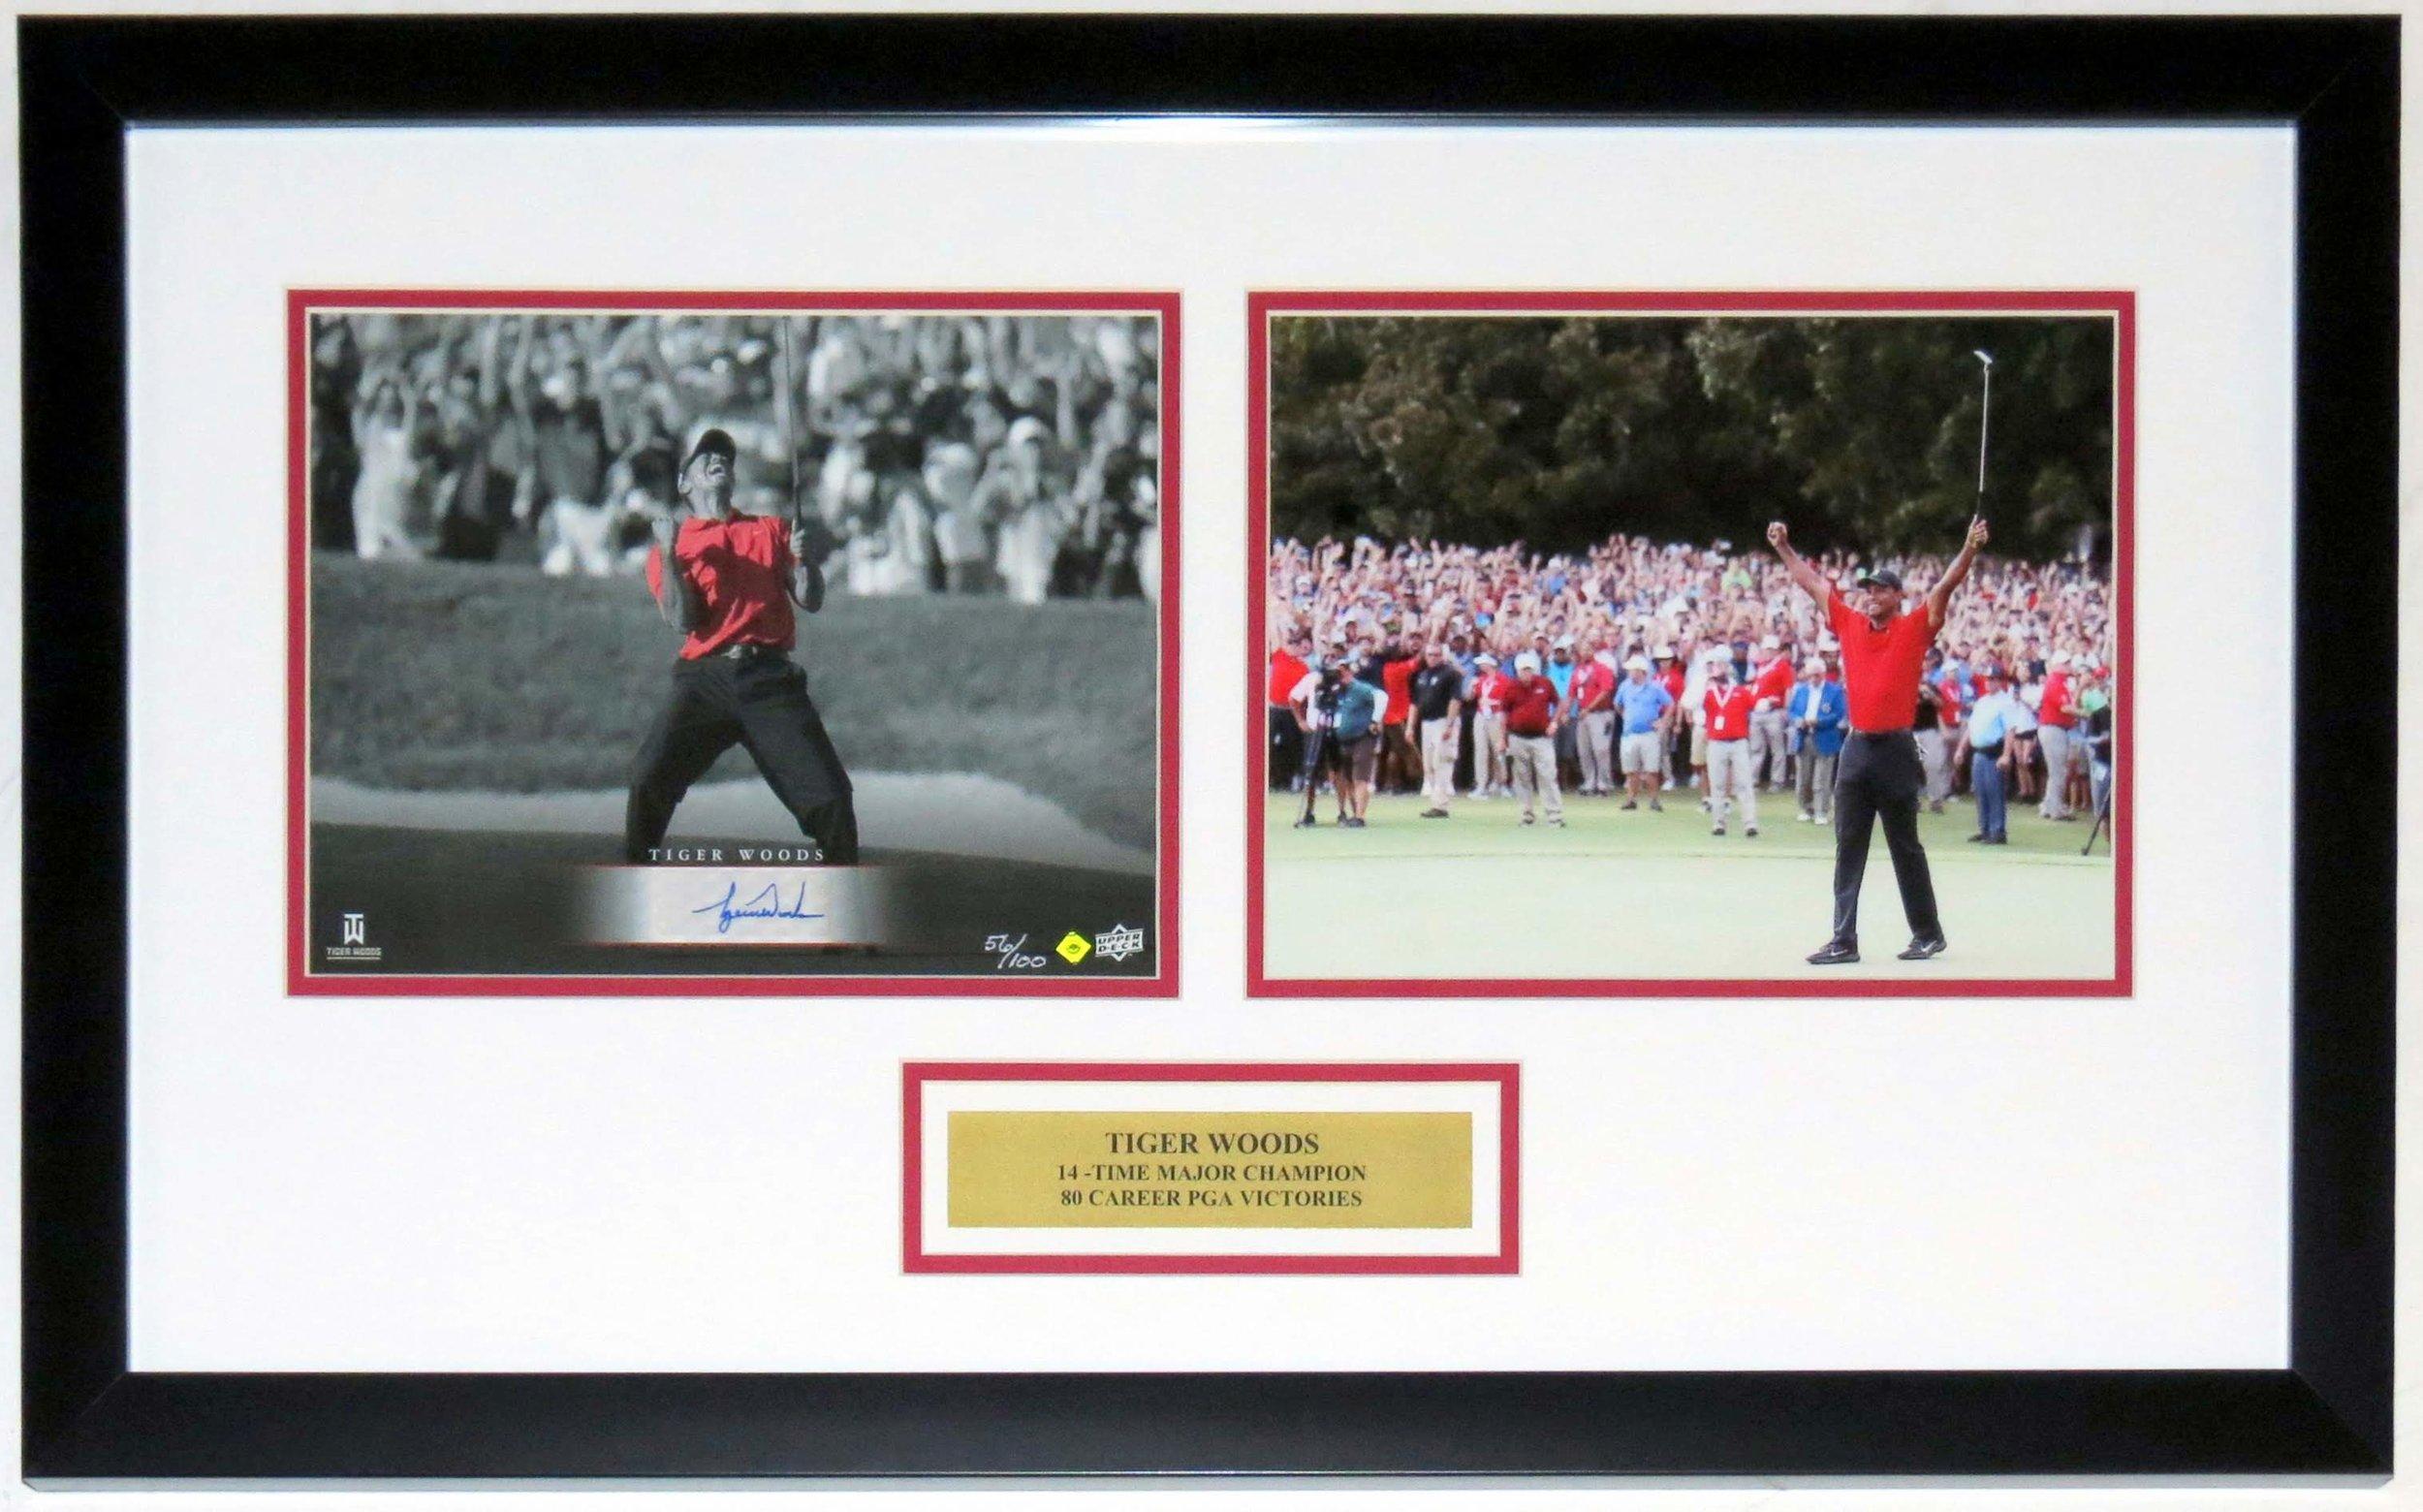 Tiger Woods Signed UDA Photo Set Framed